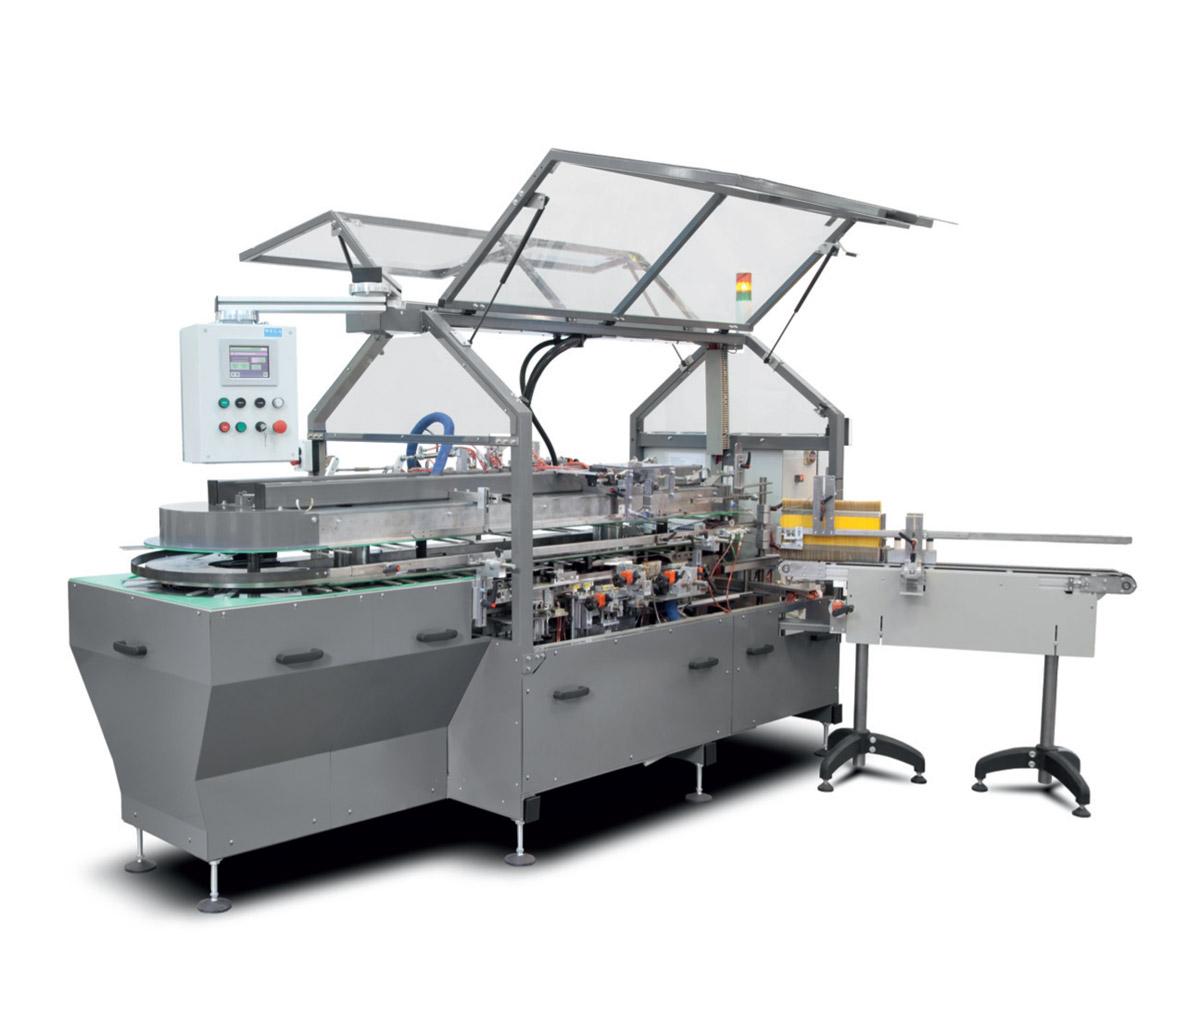 Оборудование, автоматическая картонажная вертикальная упаковочная машина KPN-04 компании Wega